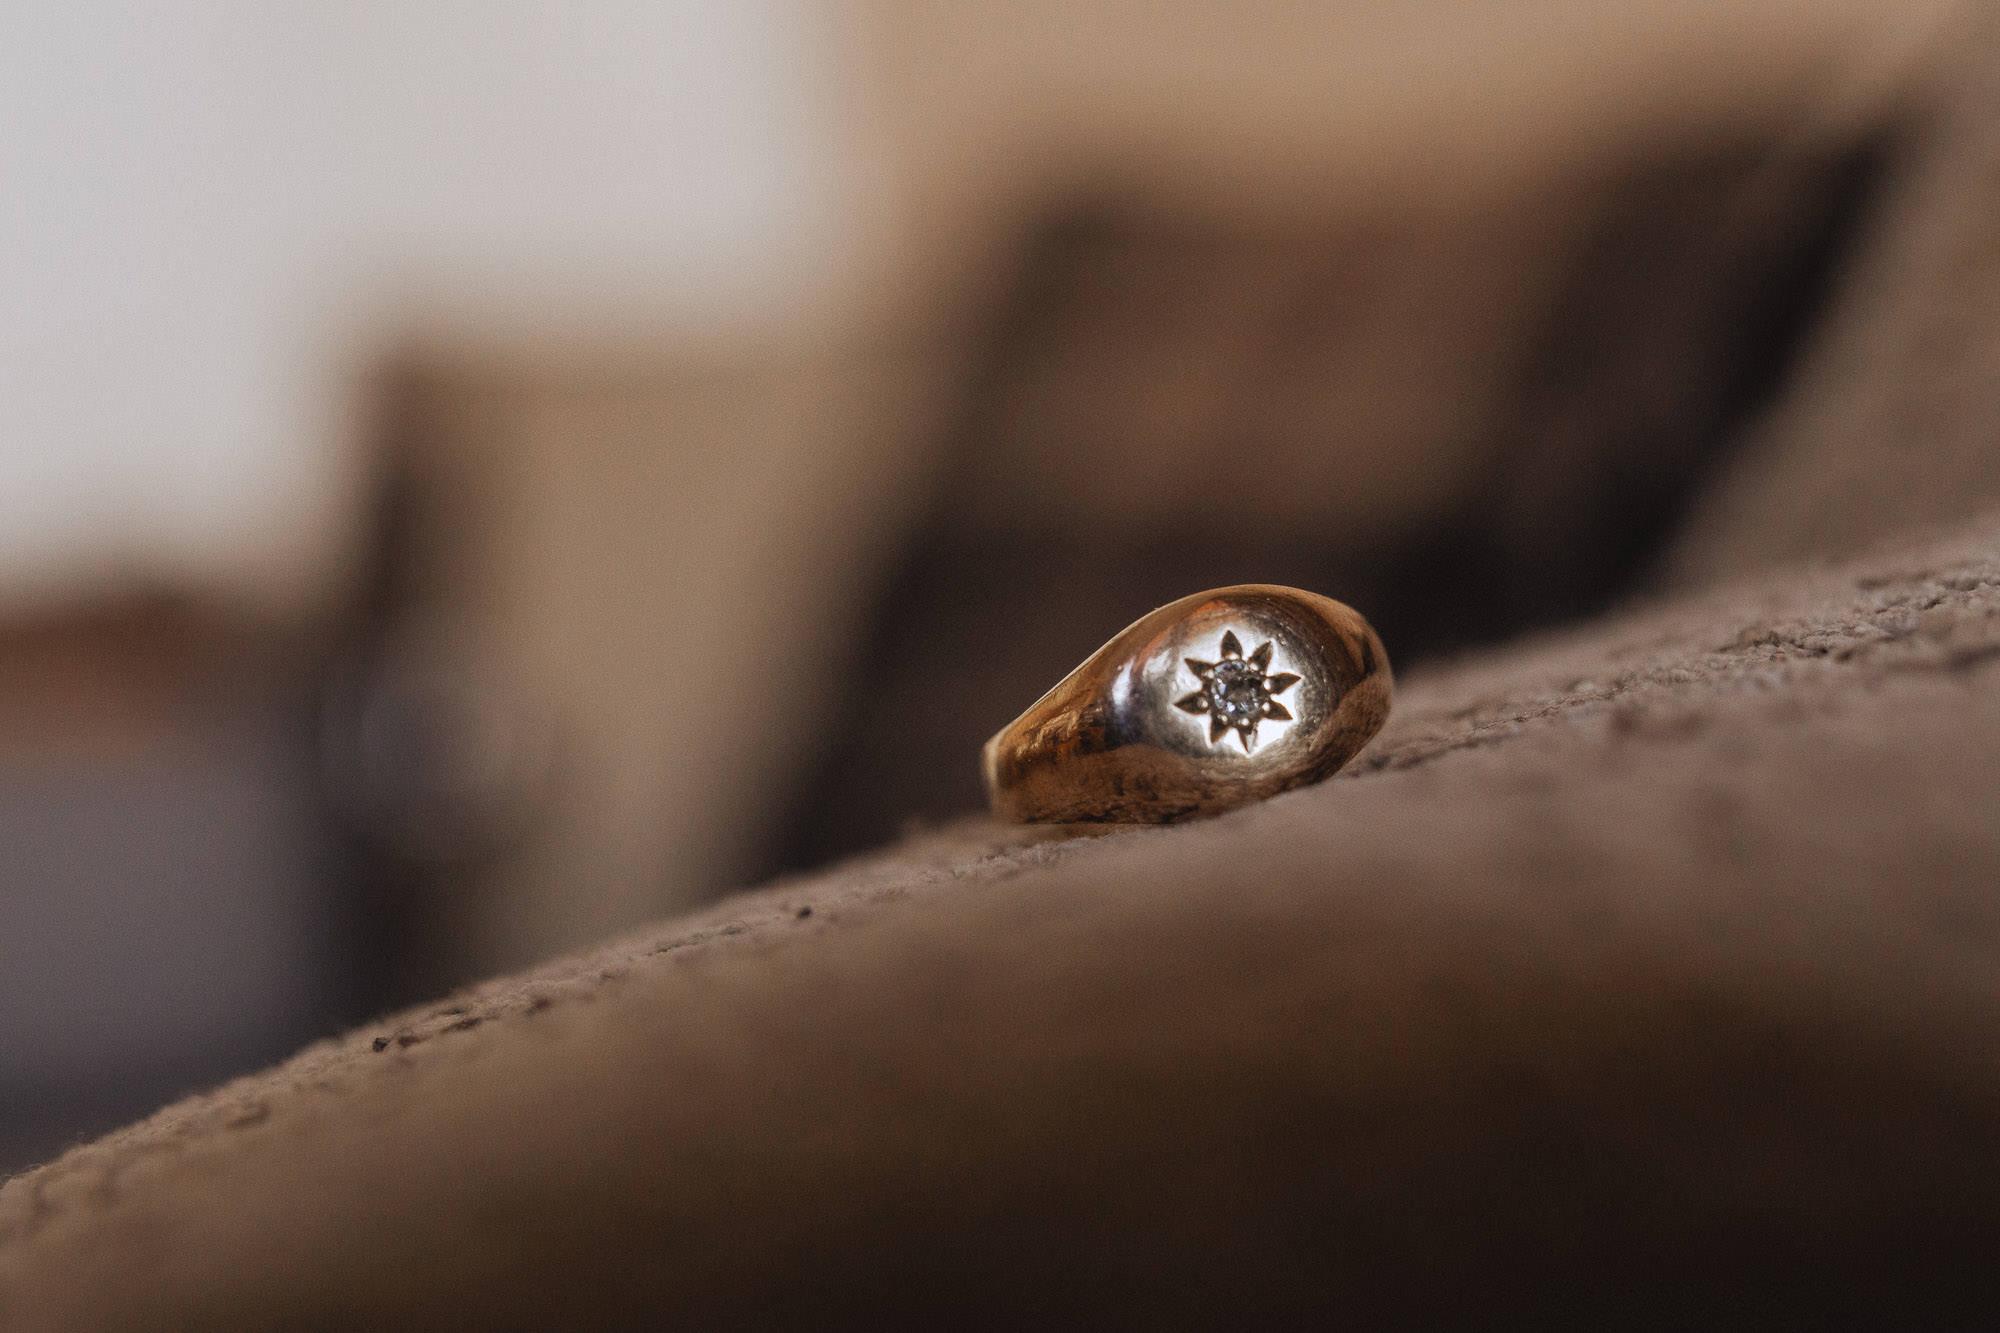 Groombridge-place-wedding-photography-3.jpg